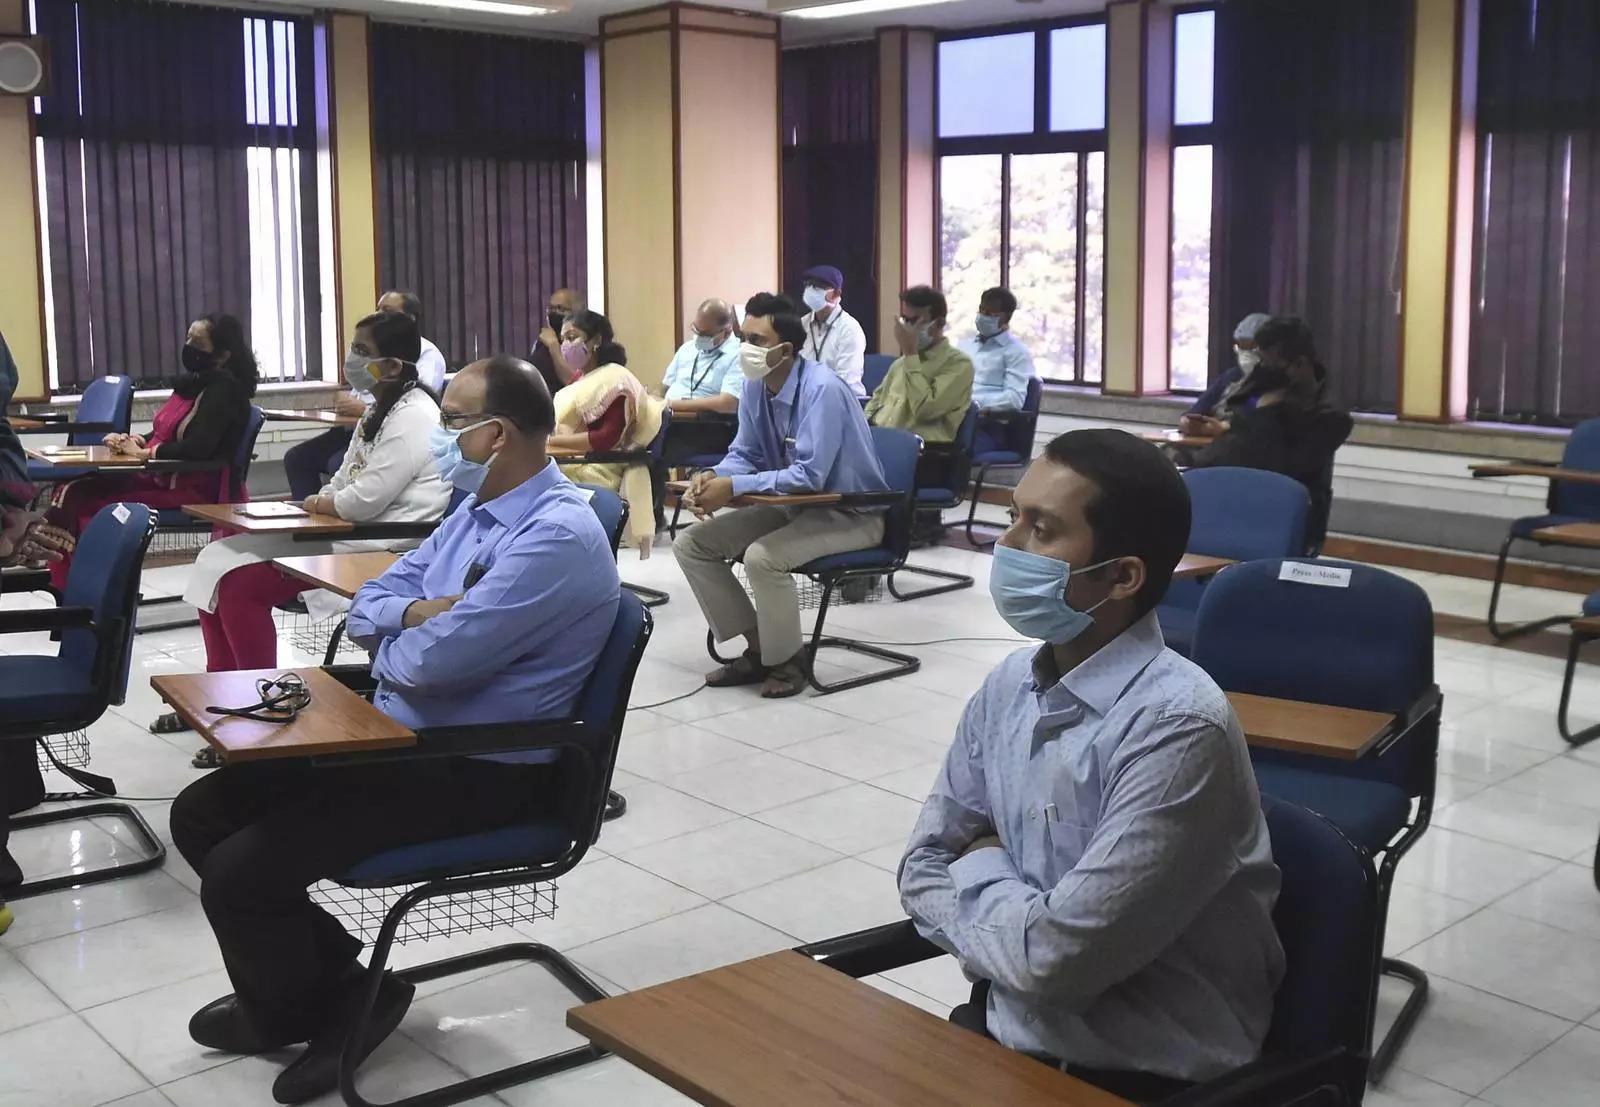 1,109 new Covid cases in Kolkata, highest so far